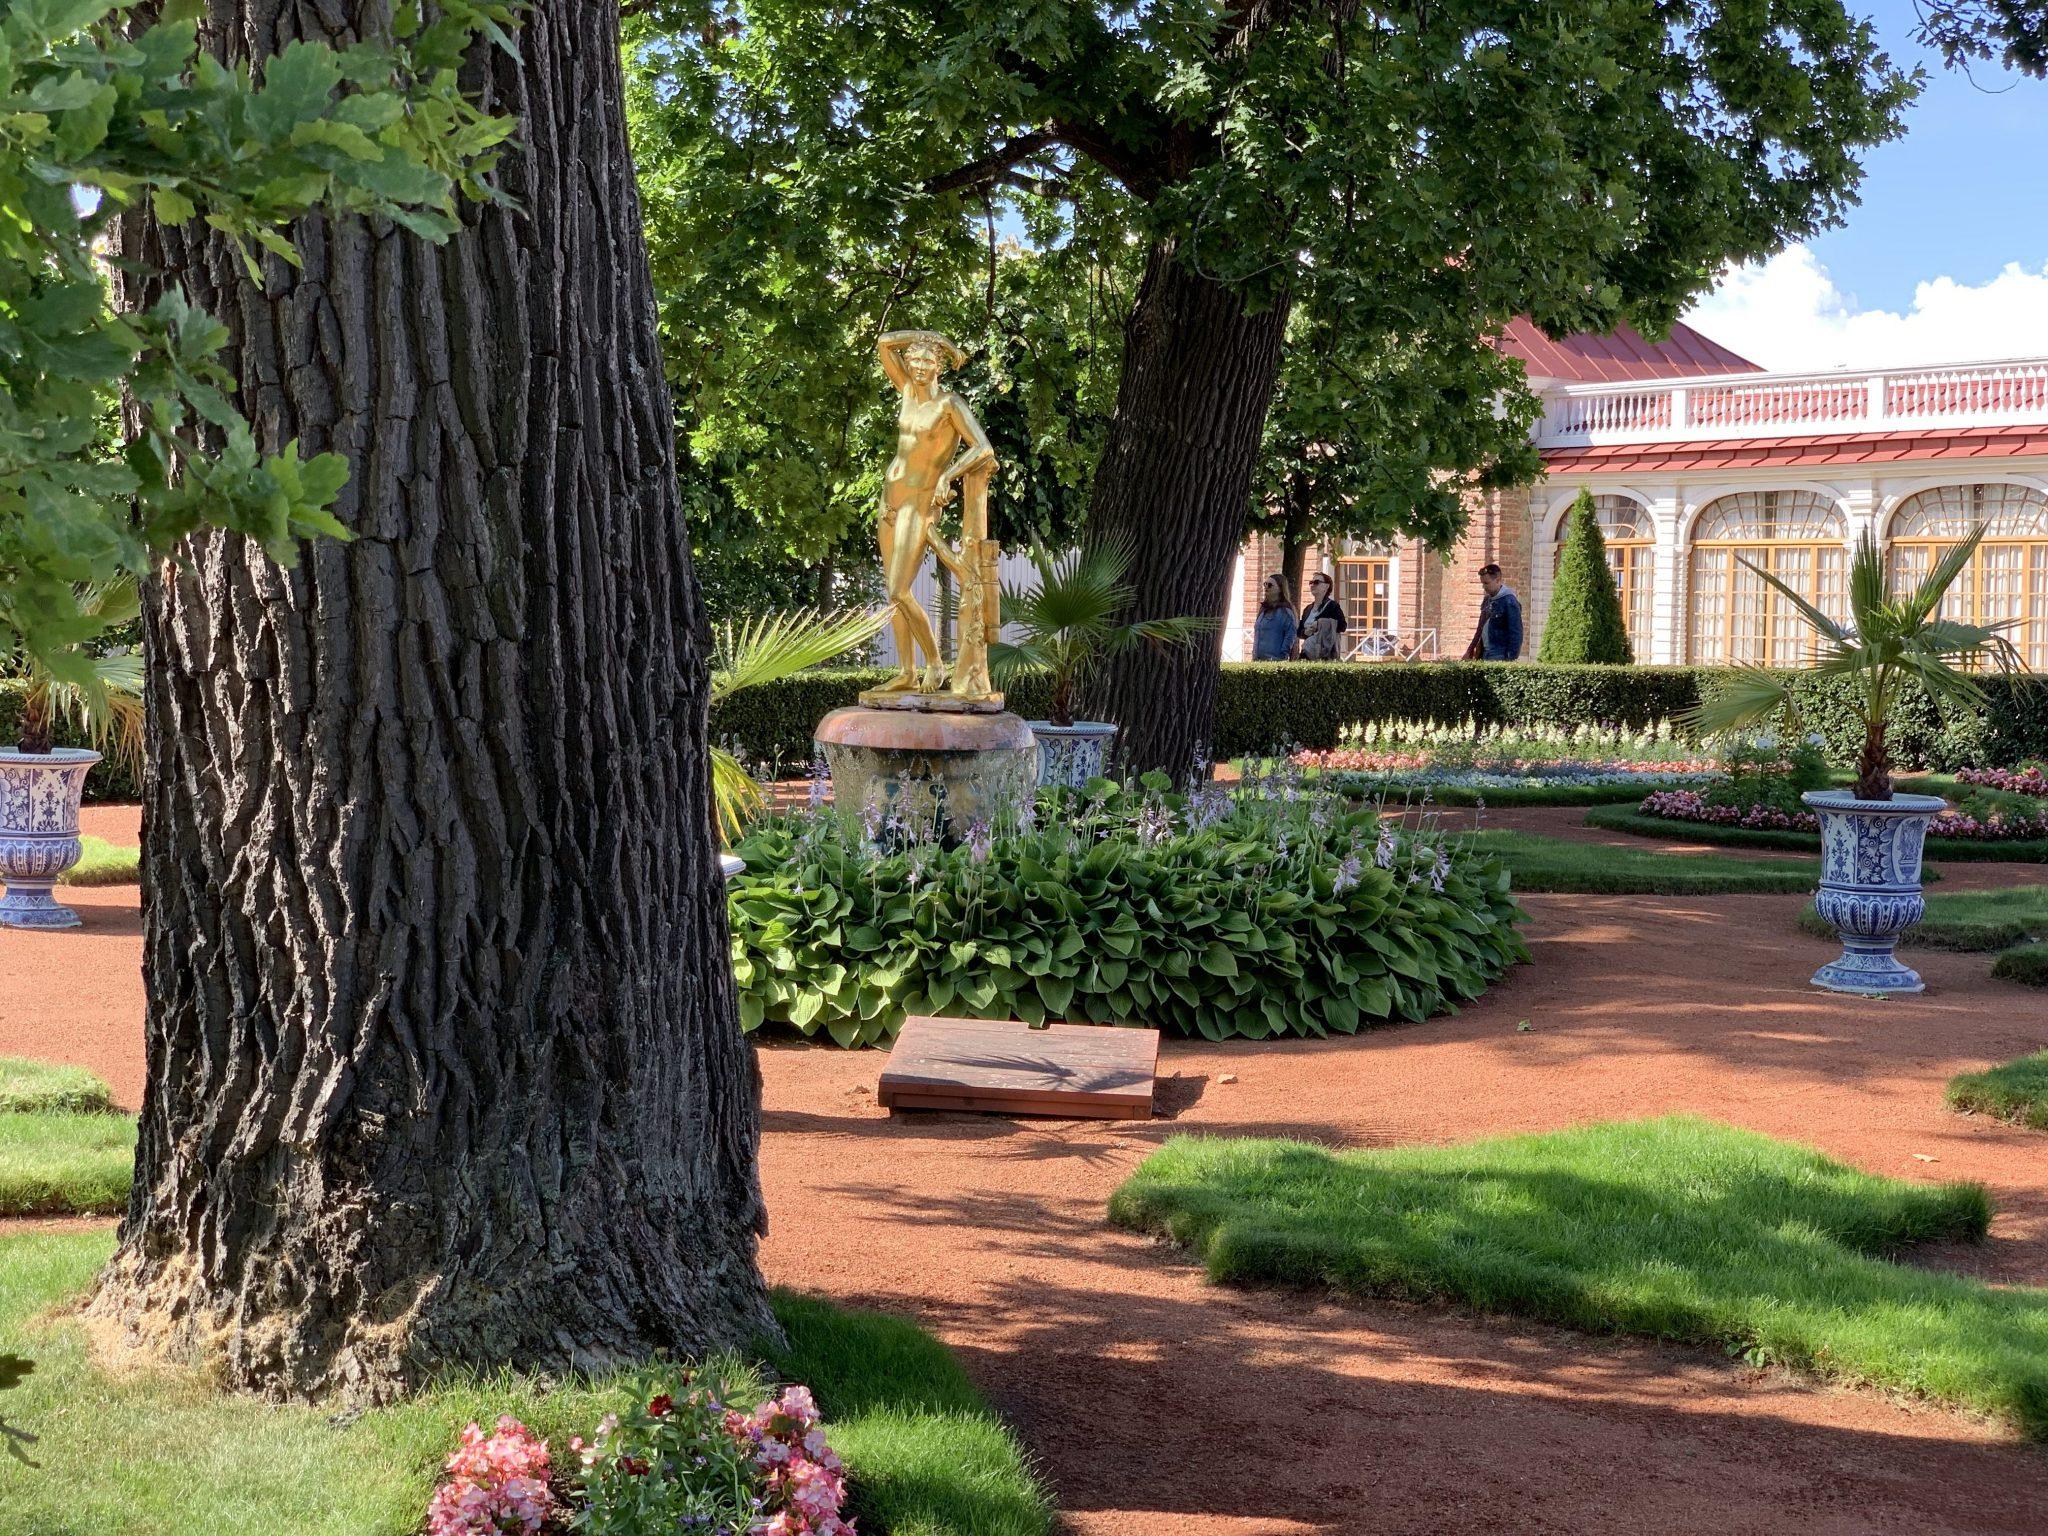 Peterhof Garden Statue